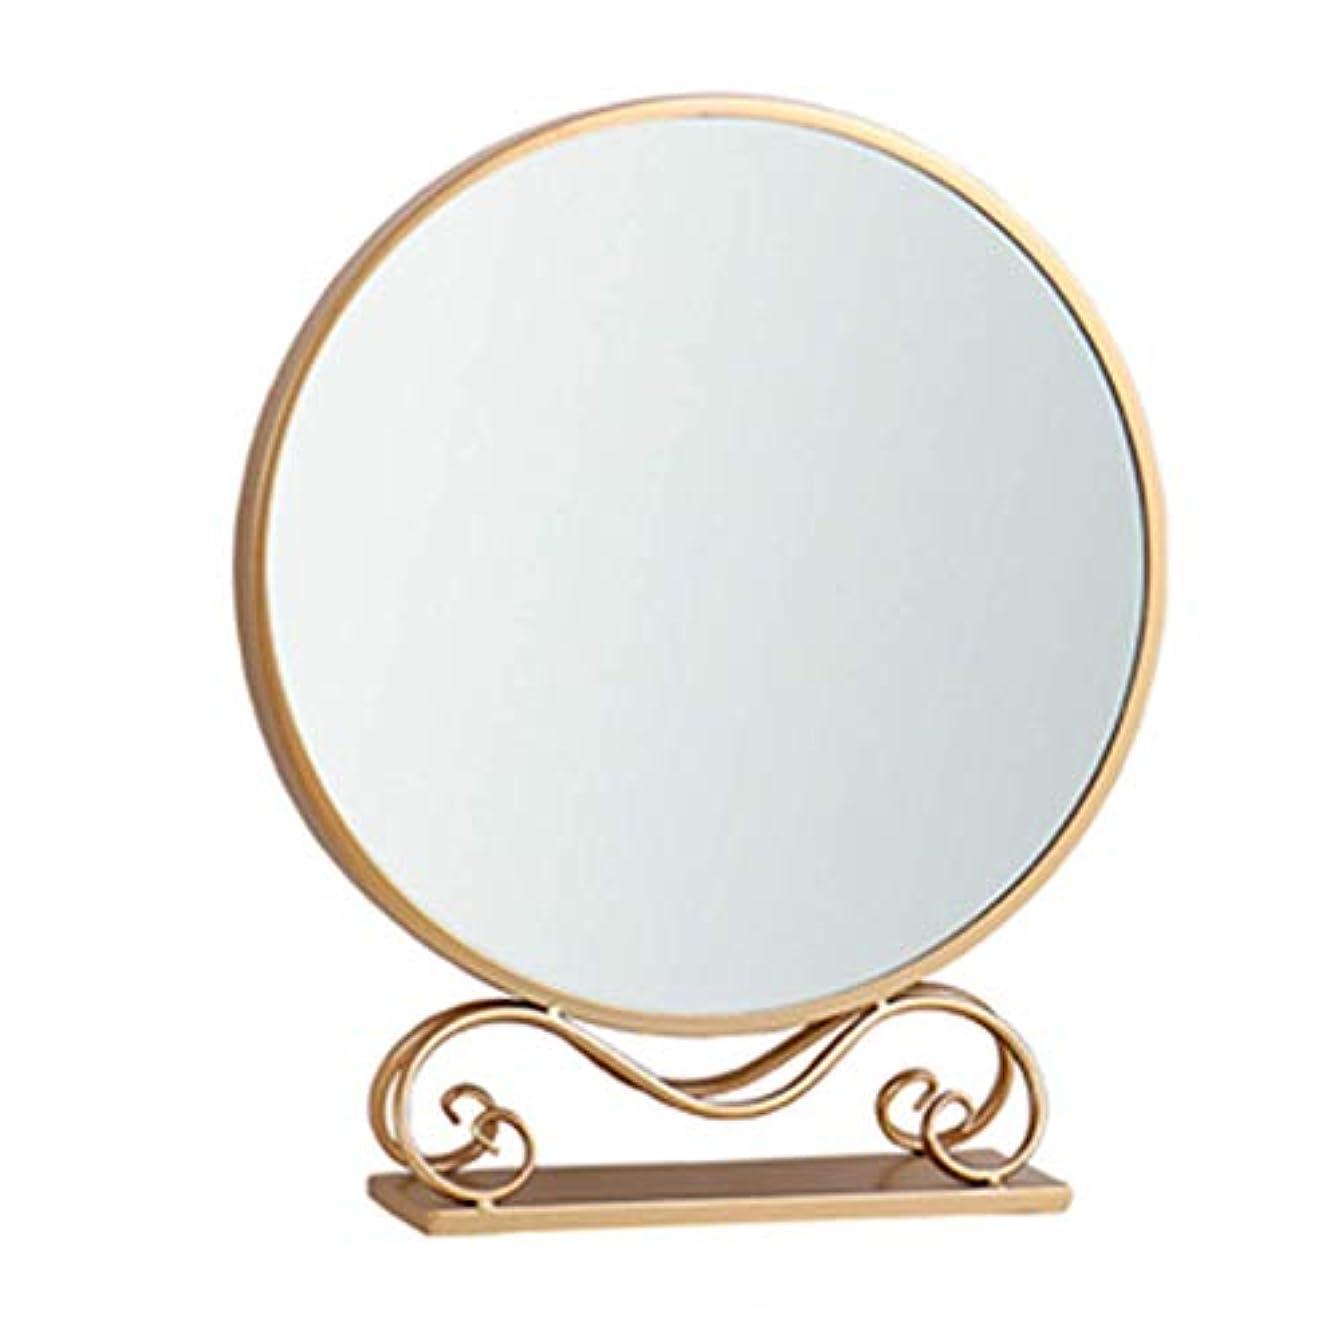 お気に入り値切り離す北欧化粧鏡、デスクトップホームデスクトップミラー、錬鉄製の壁鏡、純赤のイン、円形のドレッサーミラー、クリアミラー、滑らかなペンキ、無塗装、無褪色、,Gold,59*30cm